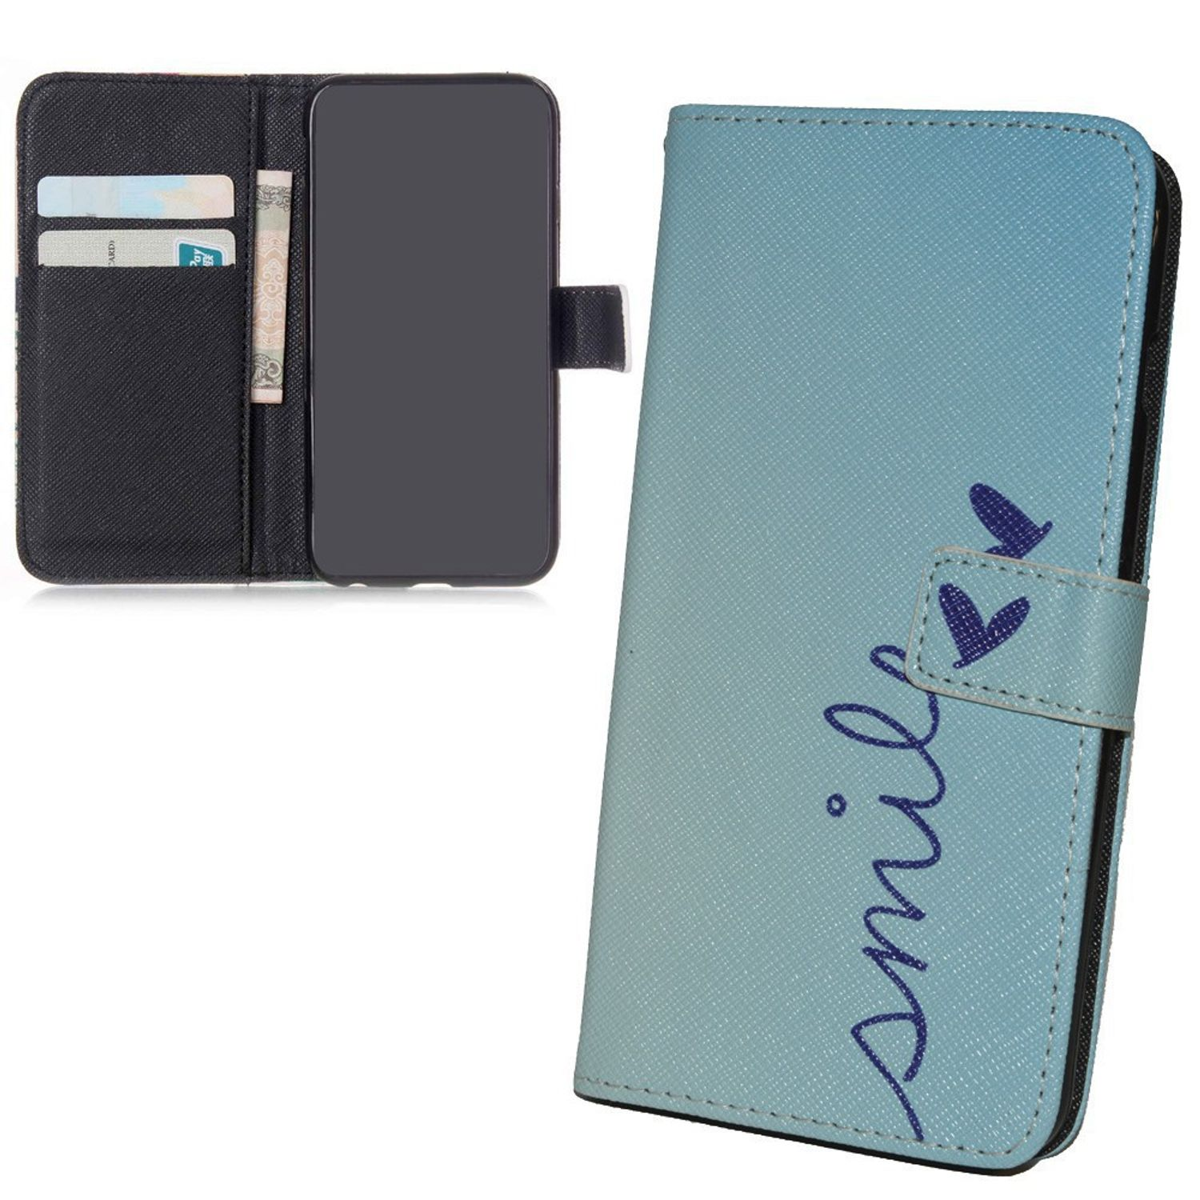 Handyhülle Tasche für Handy Wiko Slide  Schriftzug Smile Blau